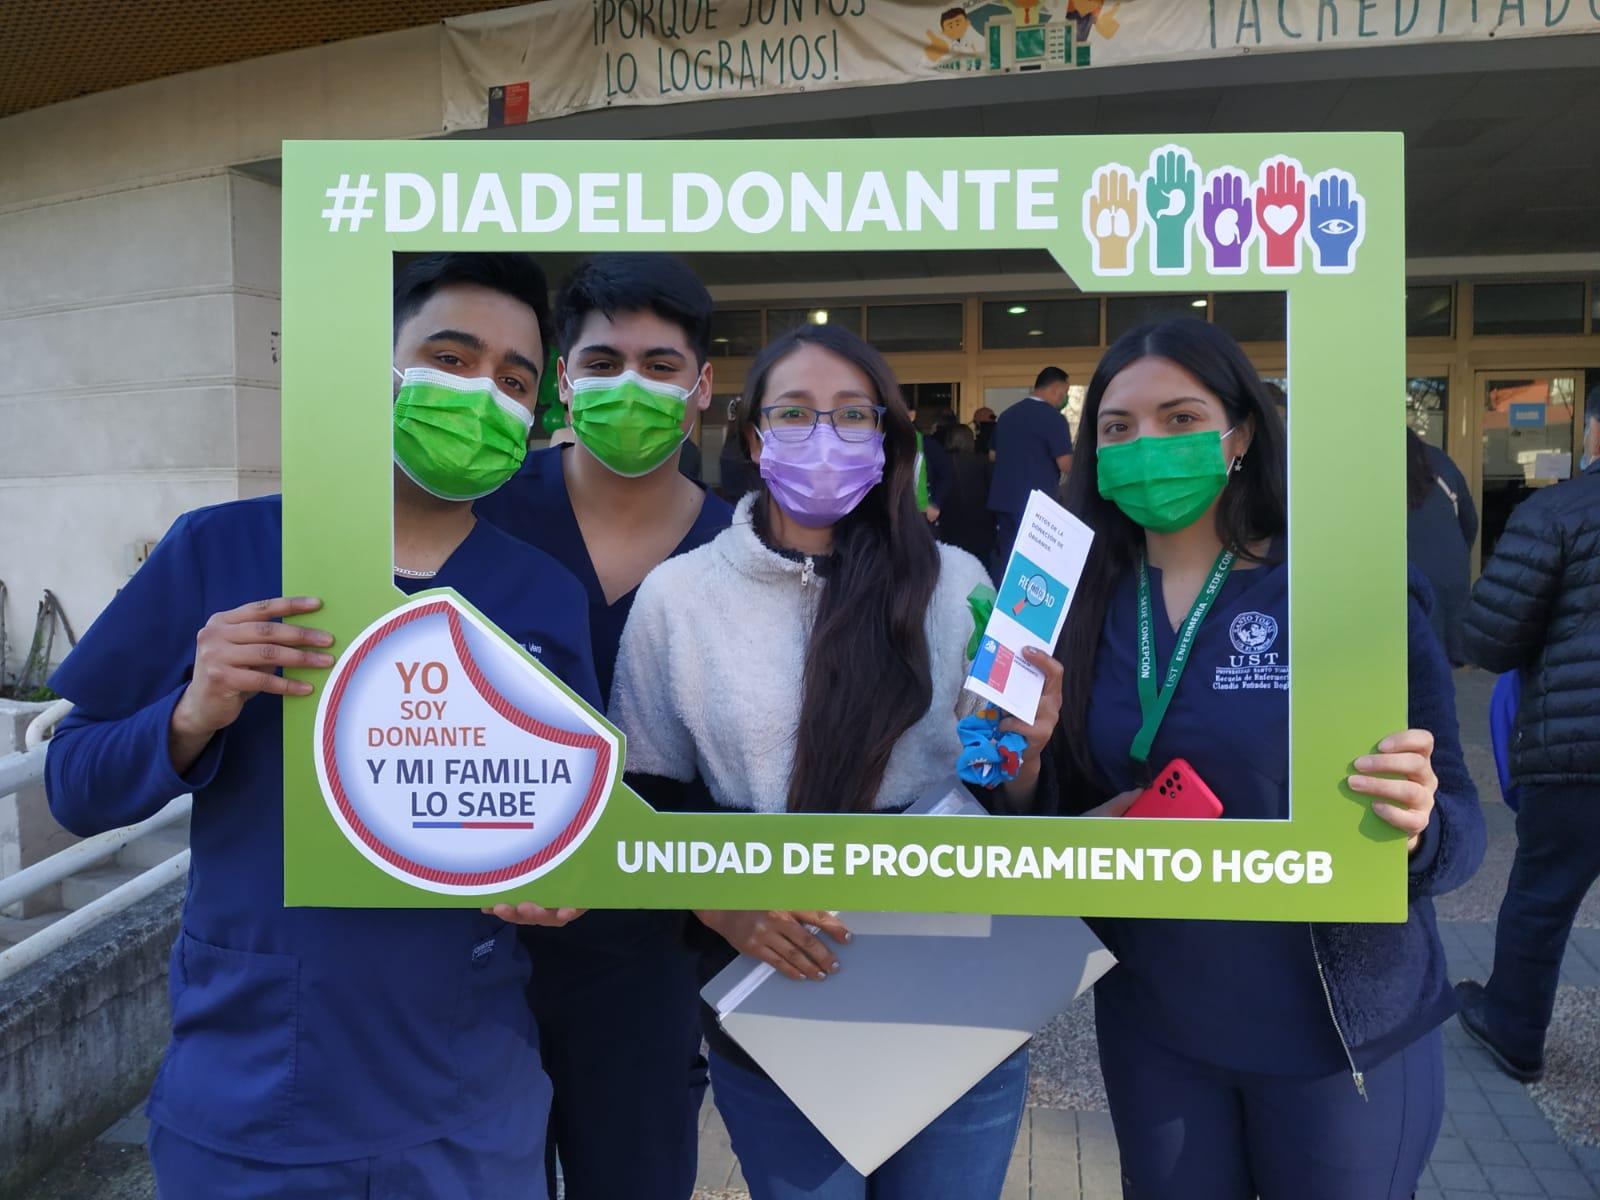 Estudiantes de enfermería participan en Jornada de concientización sobre donación de órganos